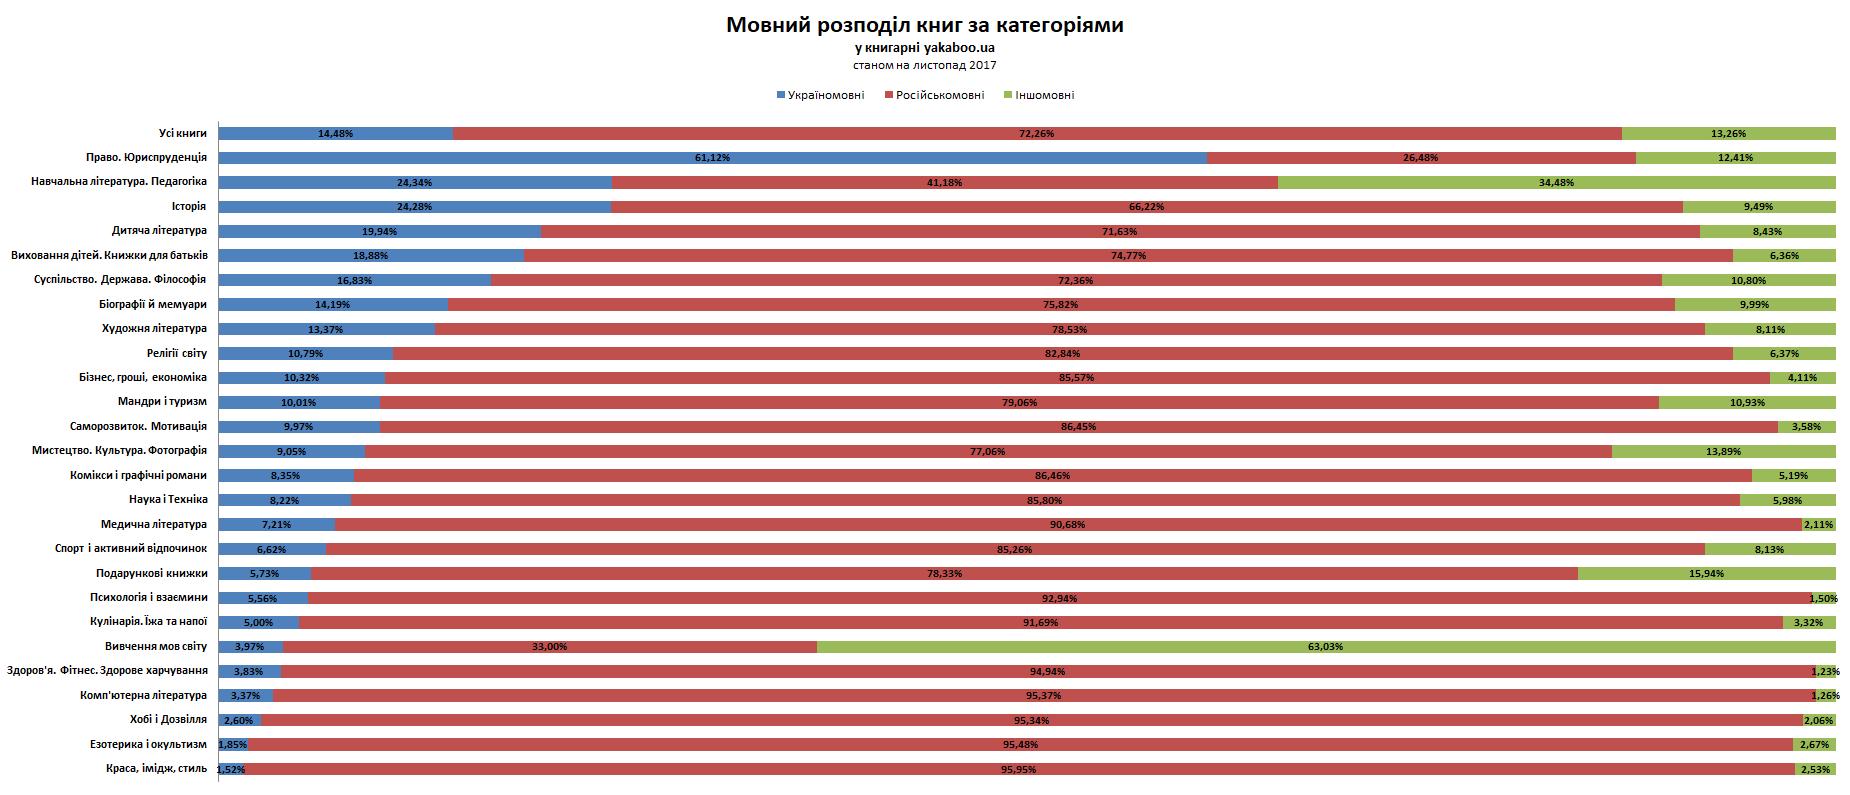 Мовний розподіл книг за категоріями у книгарні yakaboo.ua